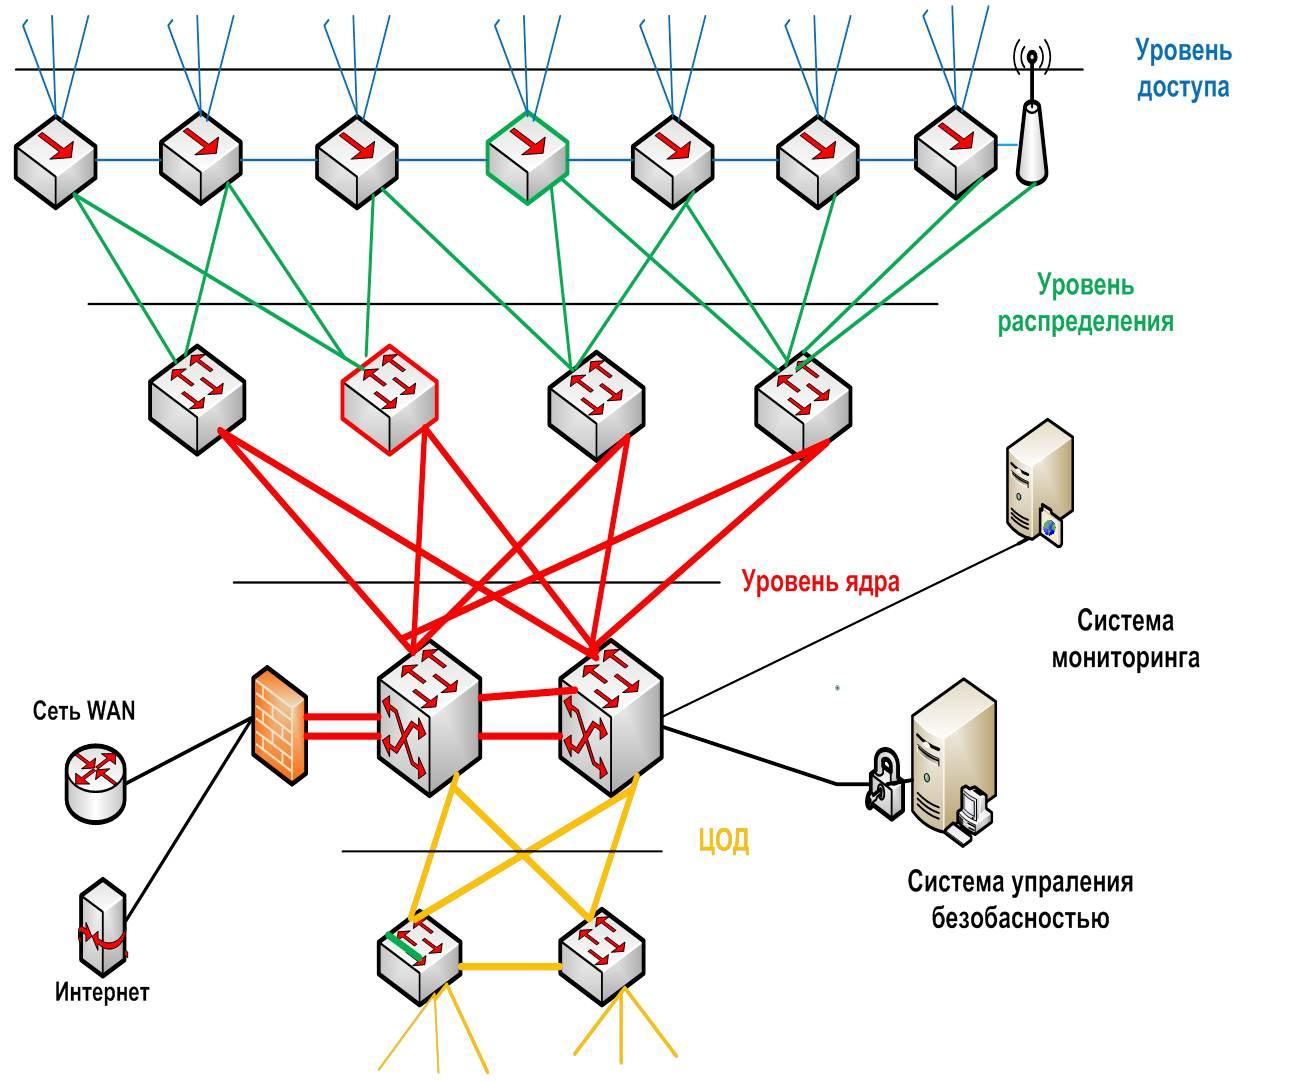 как построить сеть pbn